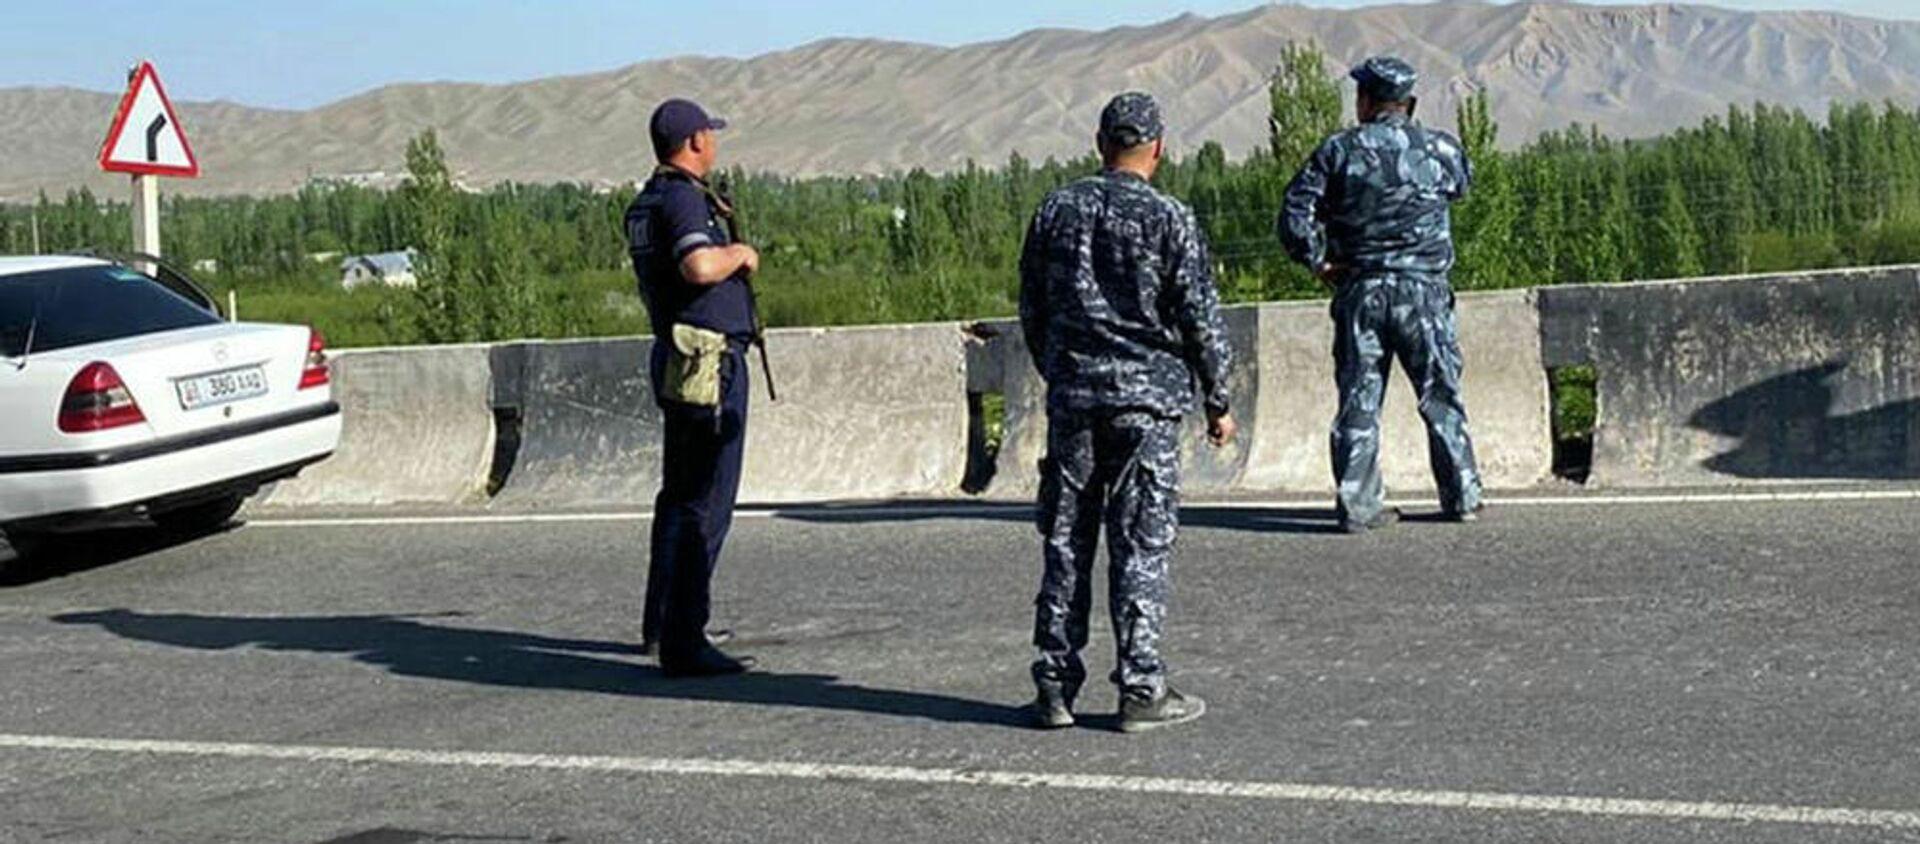 Funkcjonariusze MSW Kirgistanu w strefie przygranicznej. - Sputnik Polska, 1920, 01.05.2021